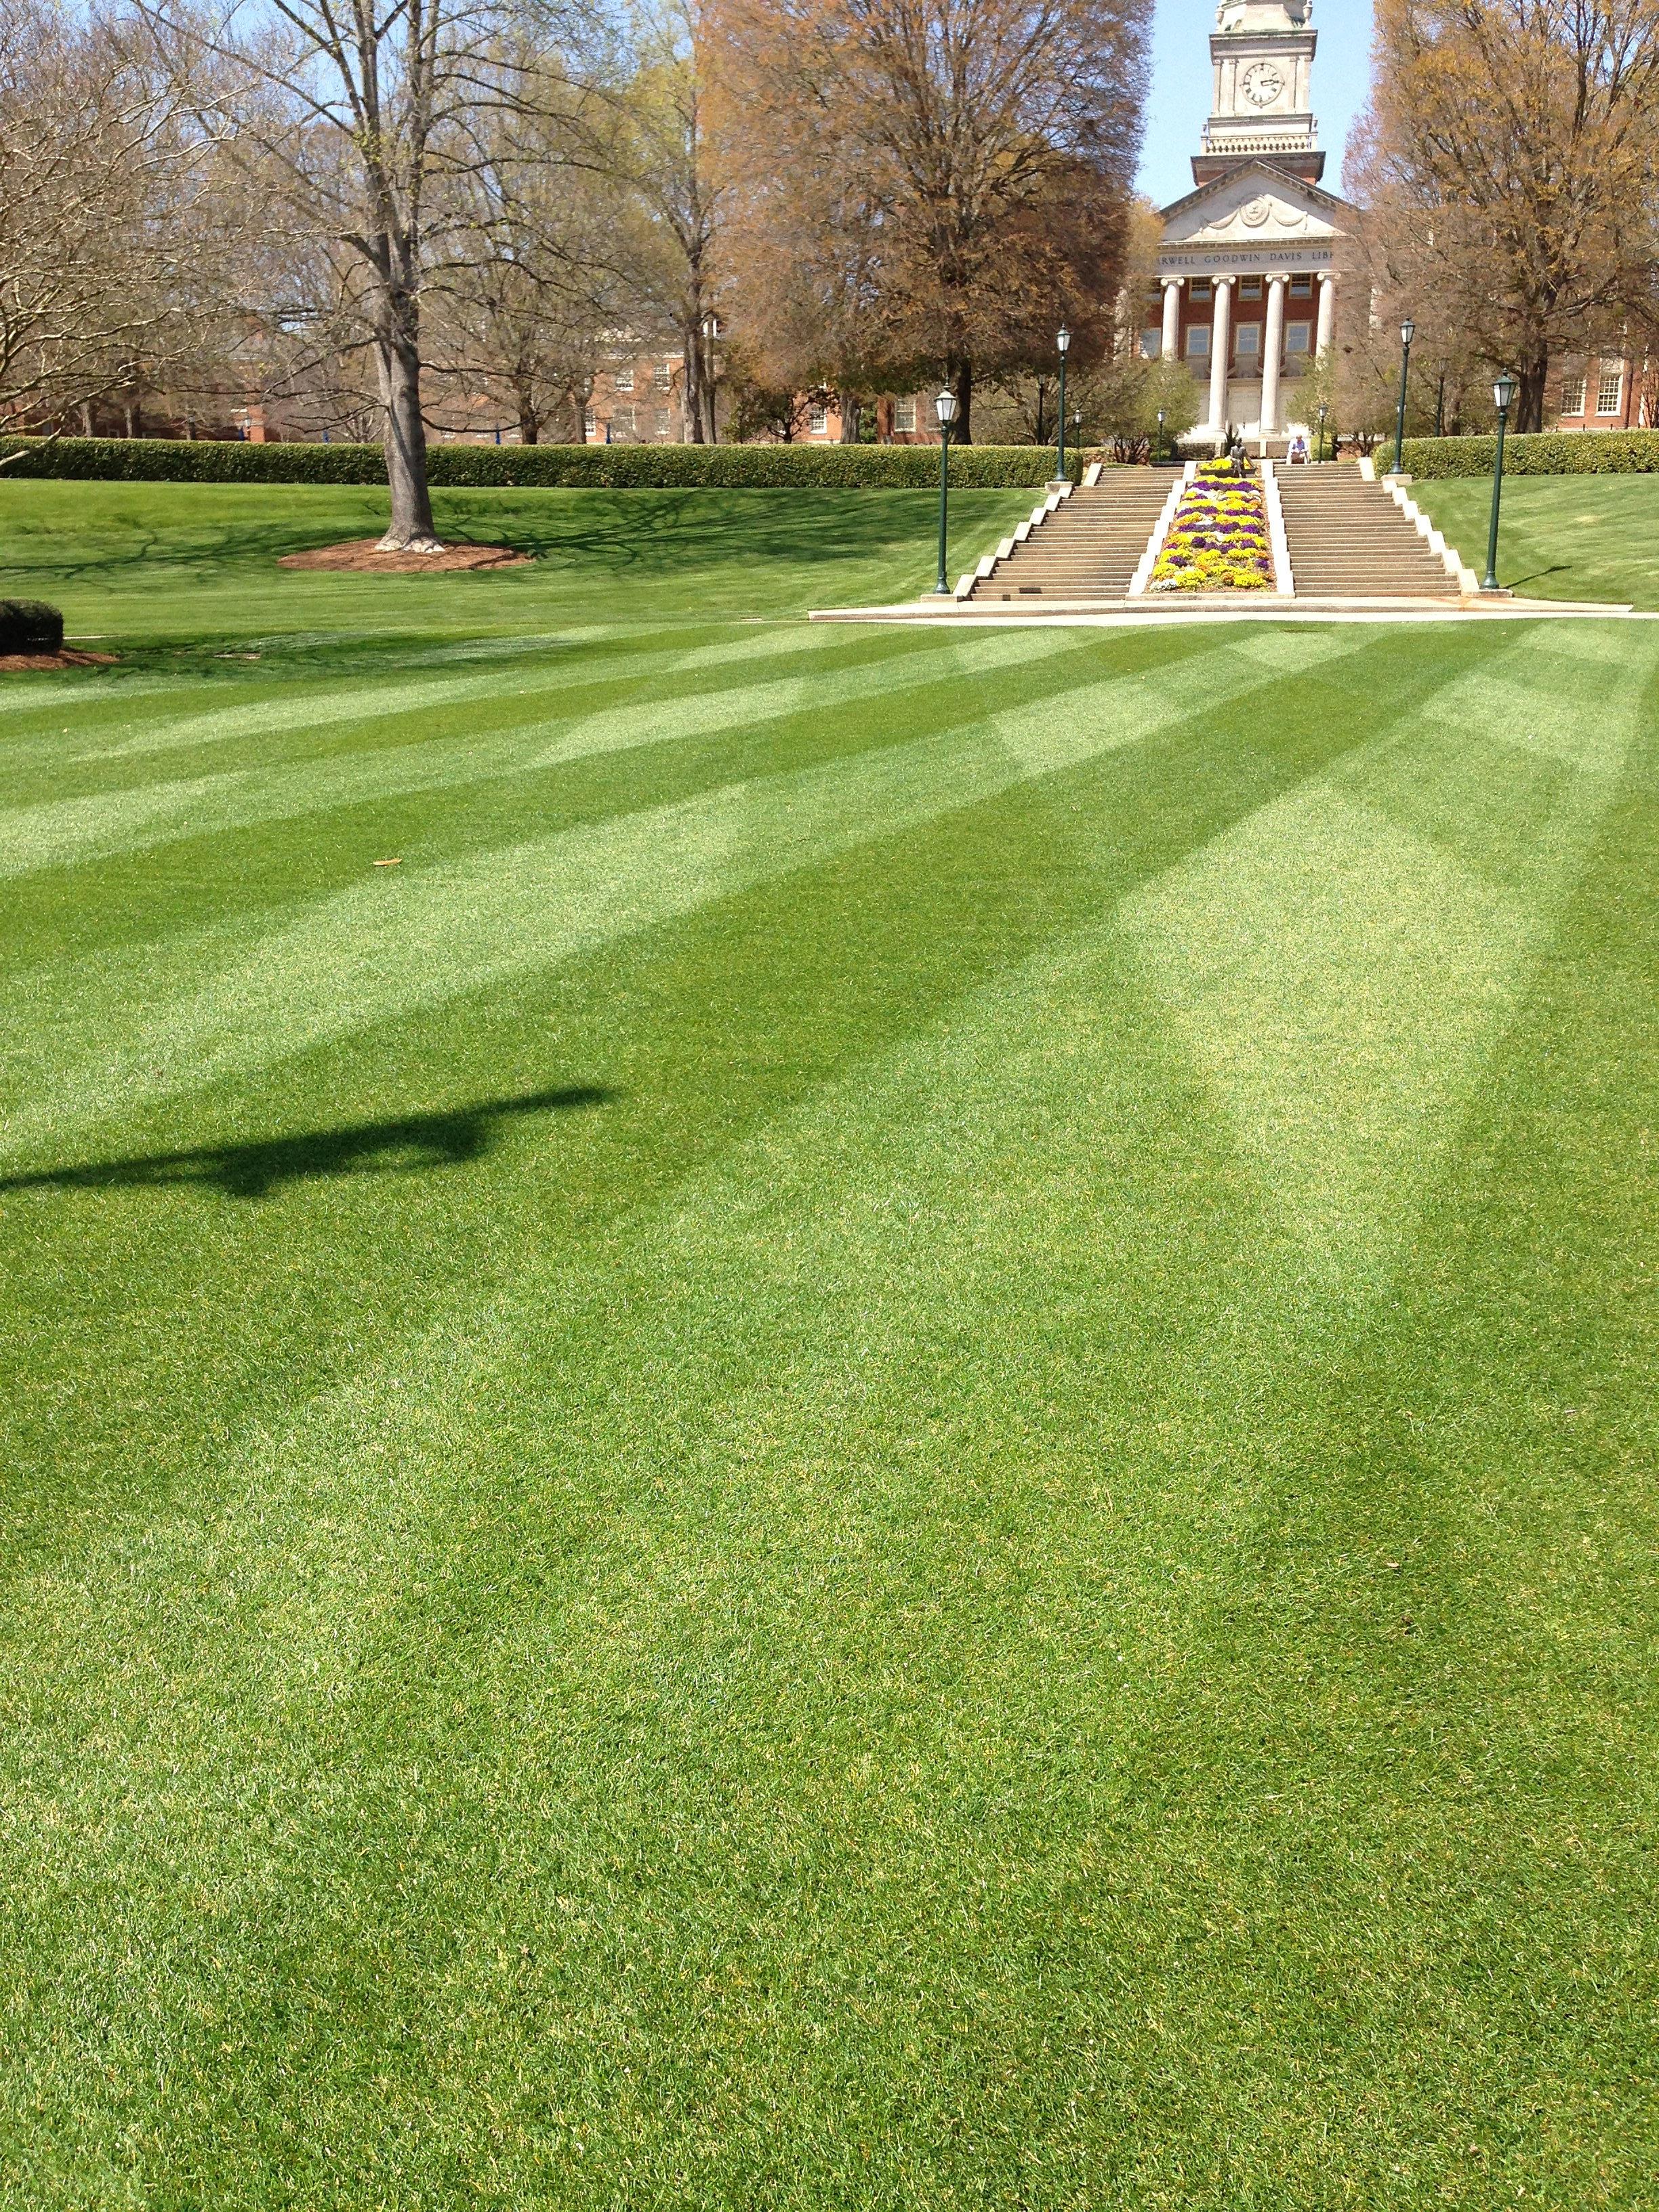 Image result for samfords grass